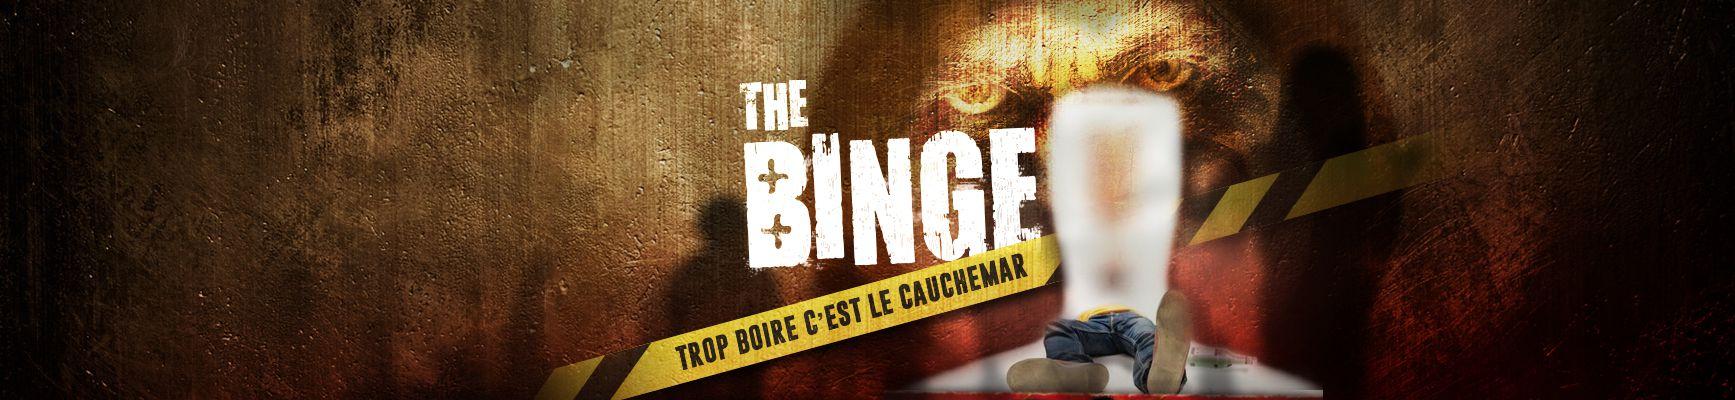 À découvrir ou redécouvrir sur OZE TV les 7  films  lauréats du concours organisés par la mairie de Paris en 2010.